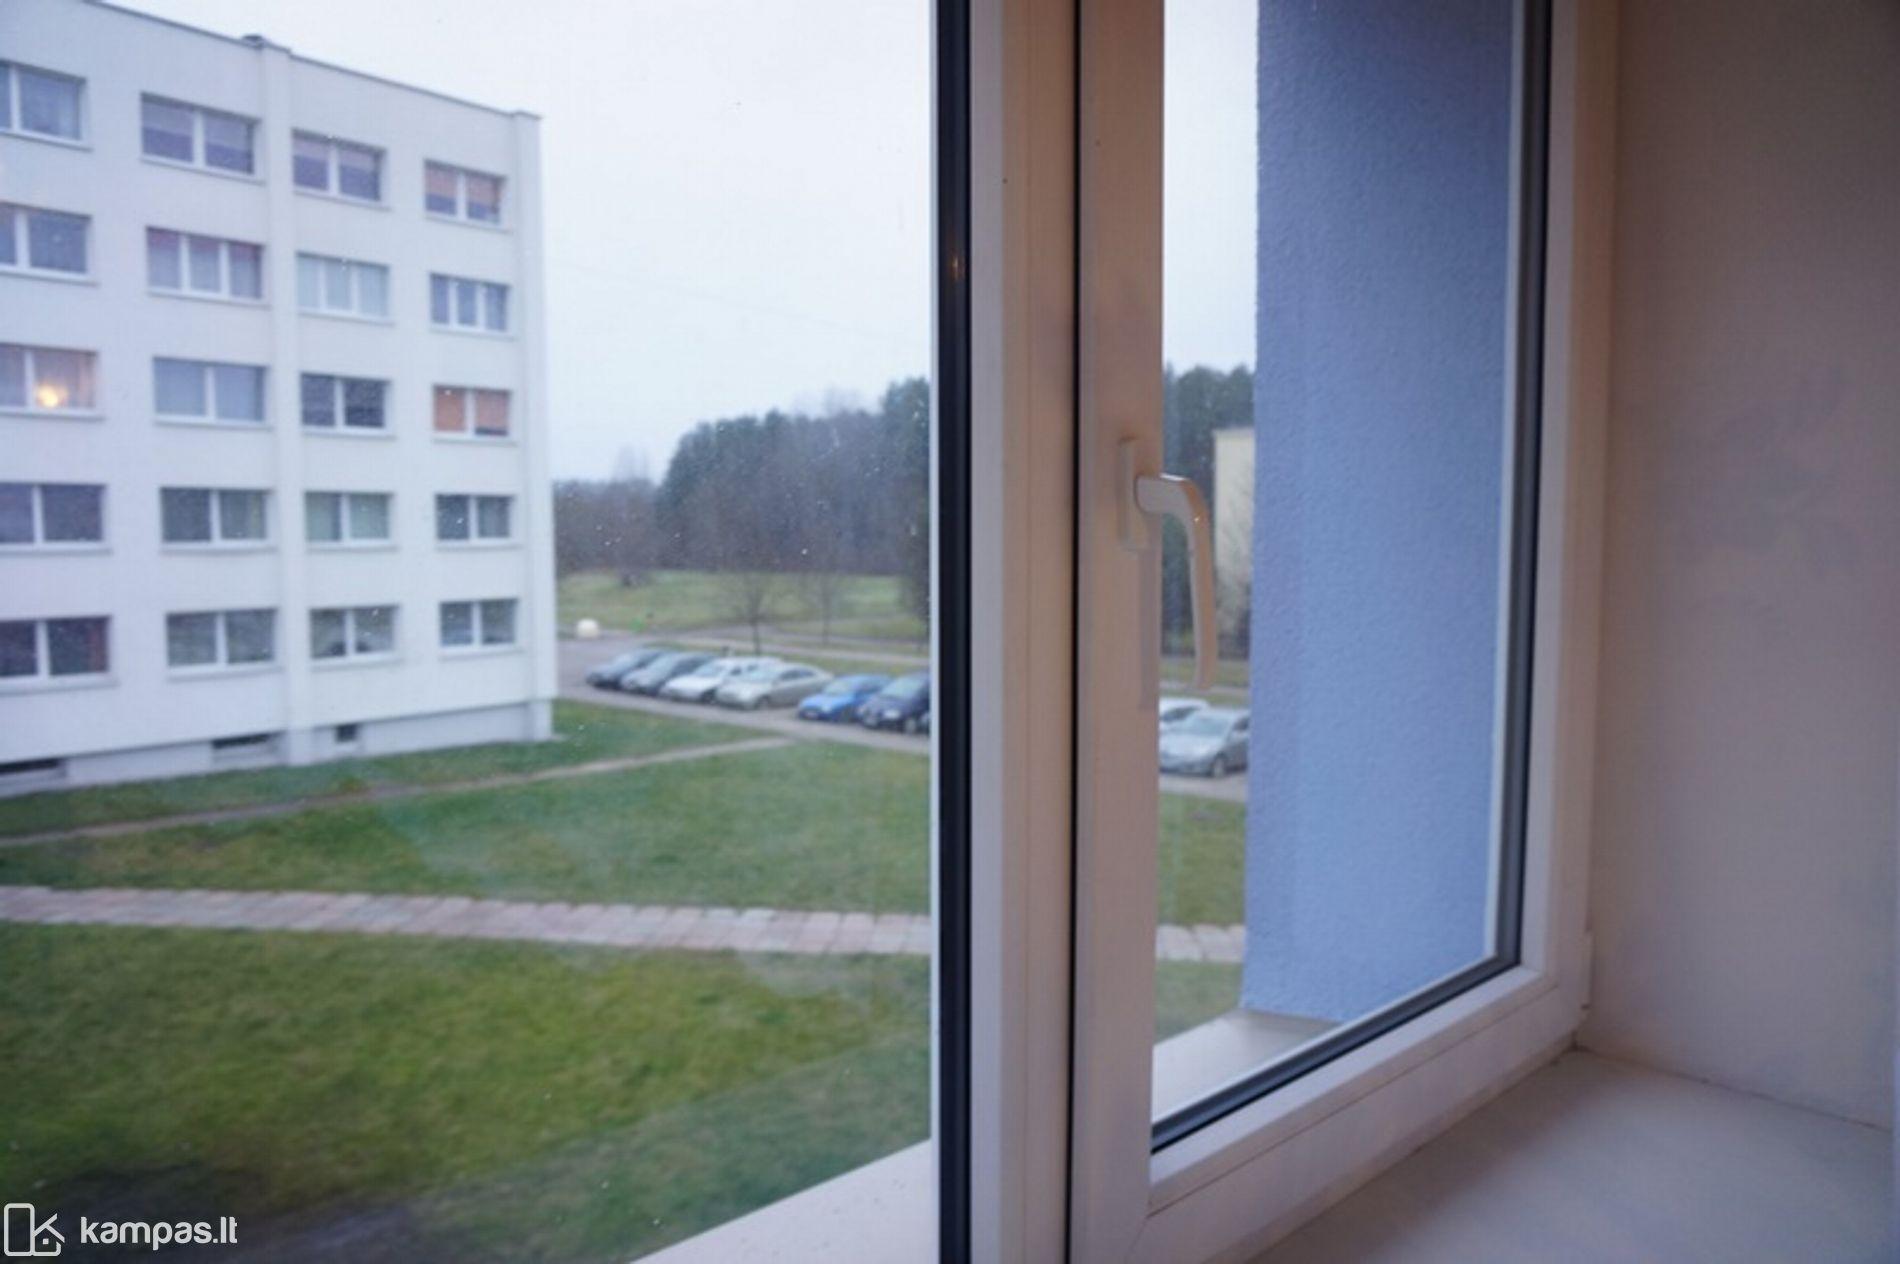 photo No.2 Ignalinos r. sav., Ignalina, Ligoninės g.